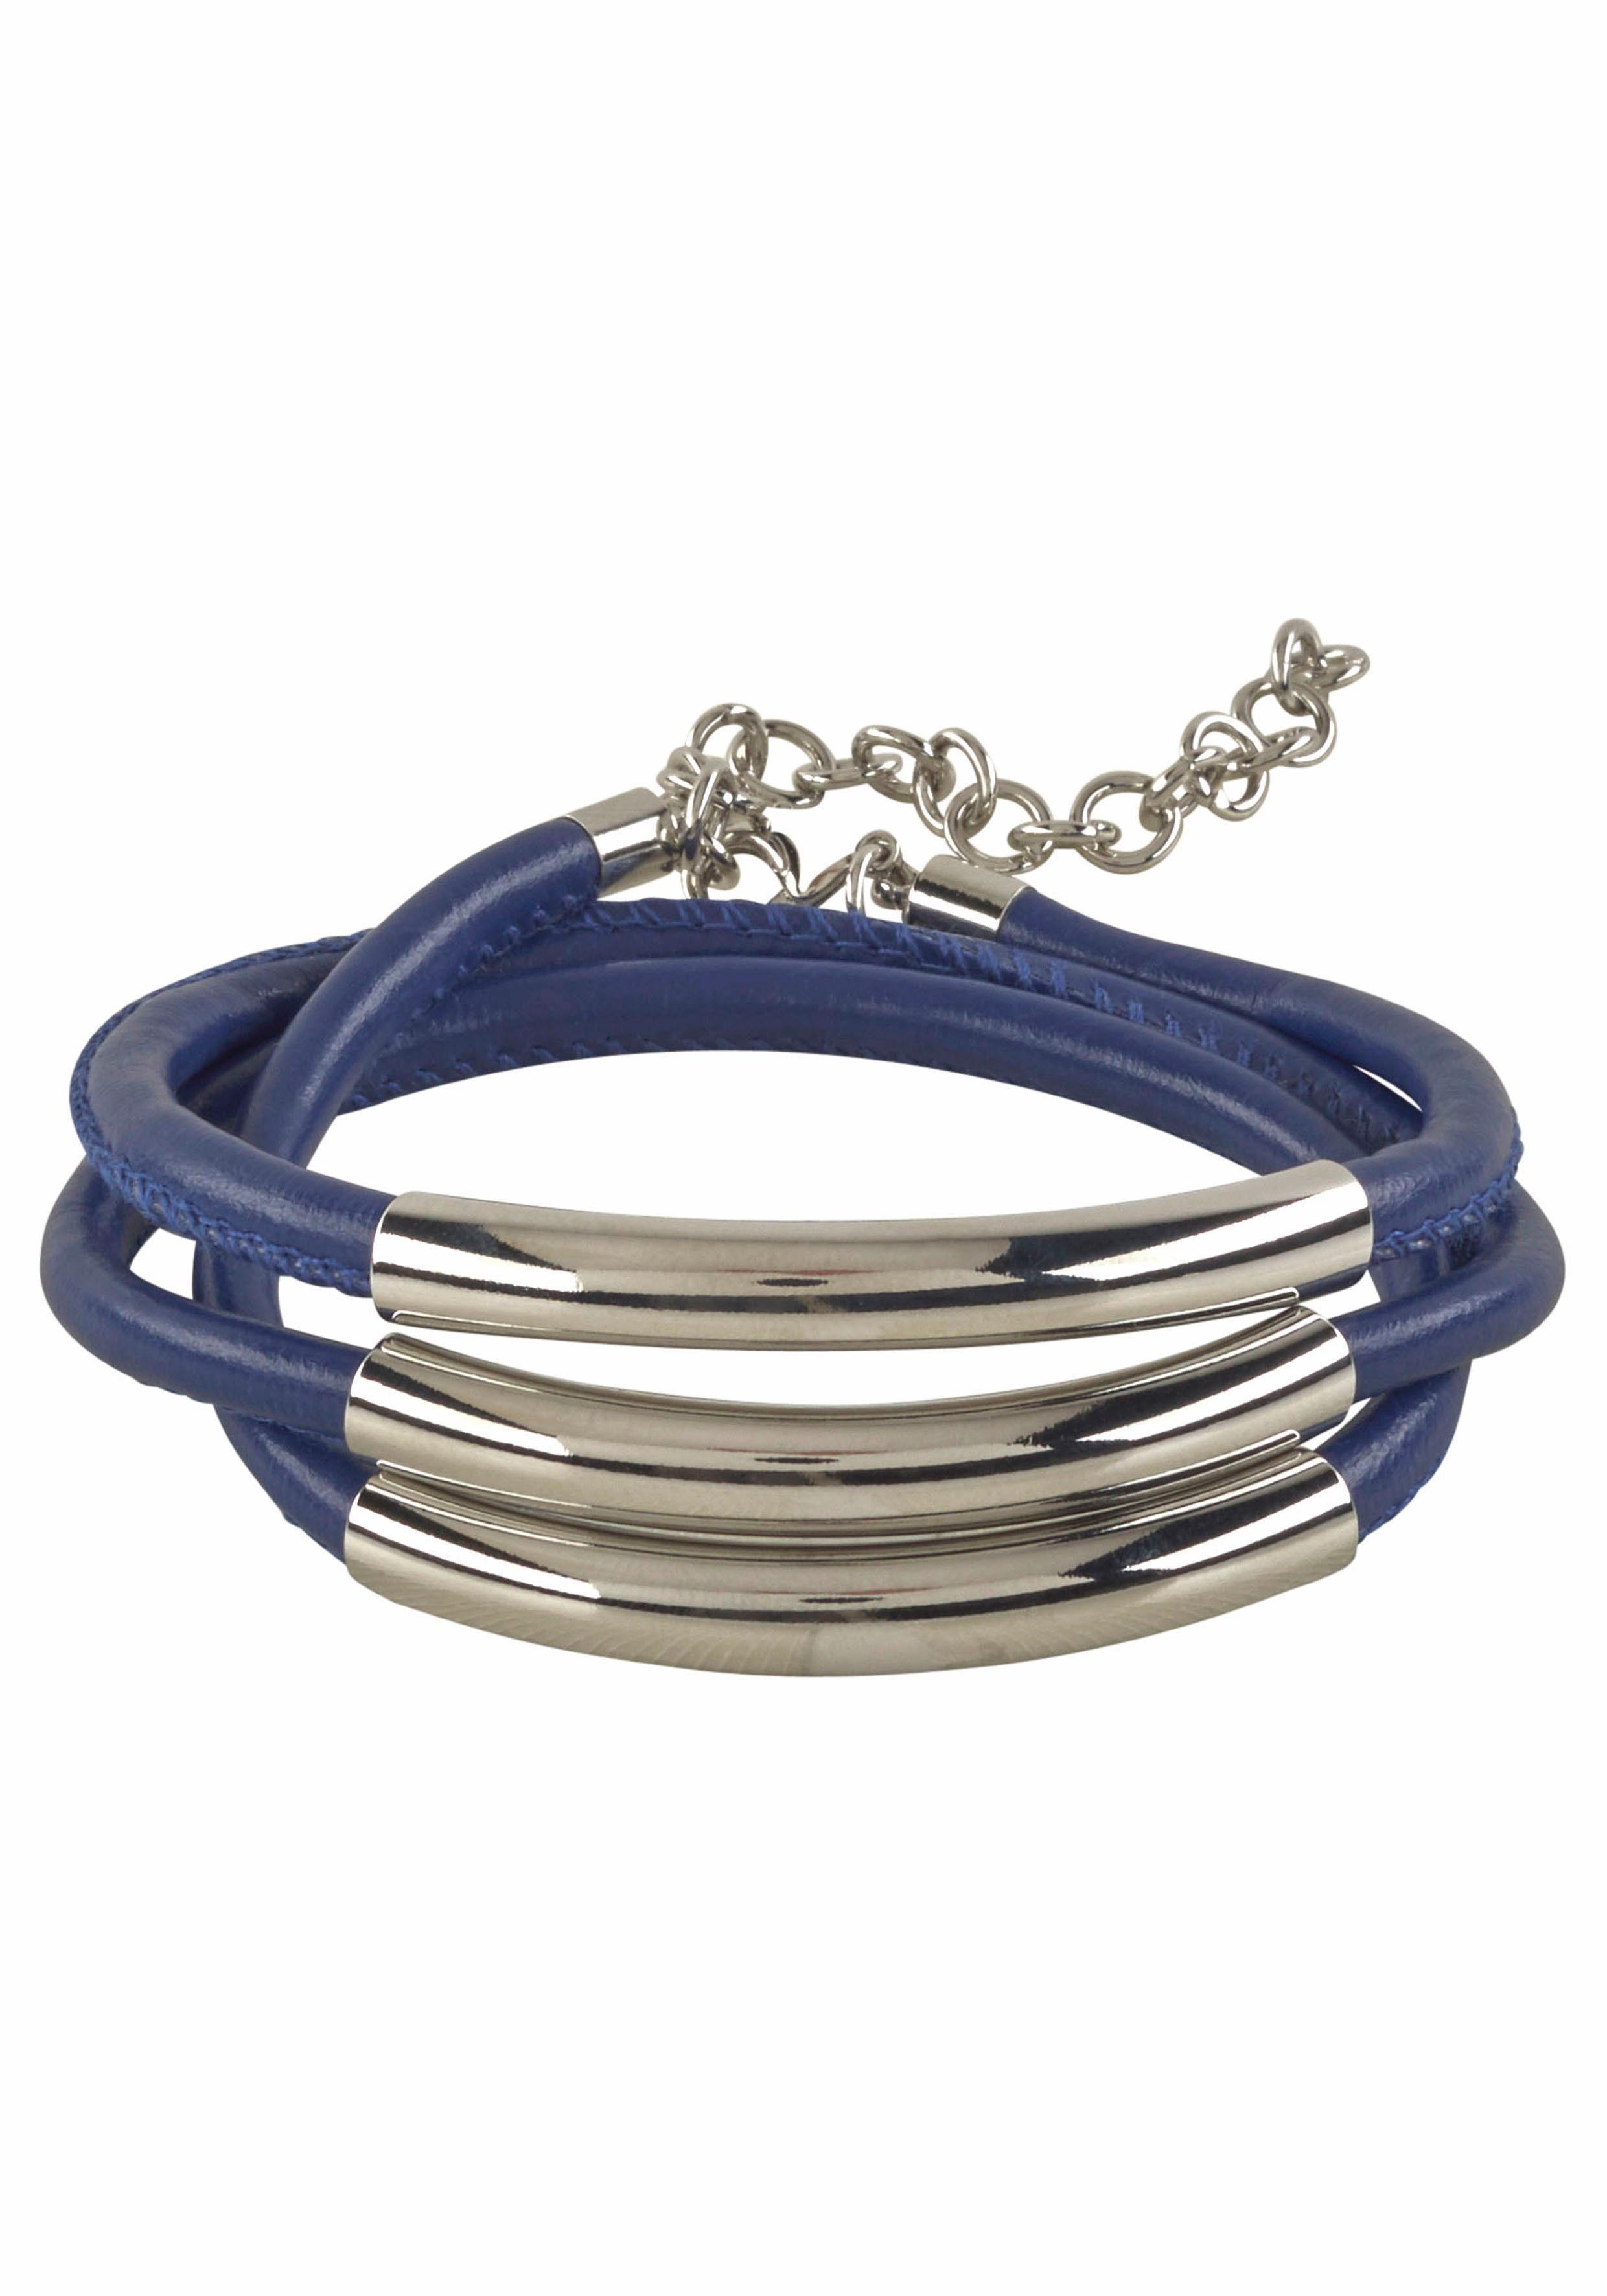 J.Jayz Armband, zum Wickeln, Metallelemente